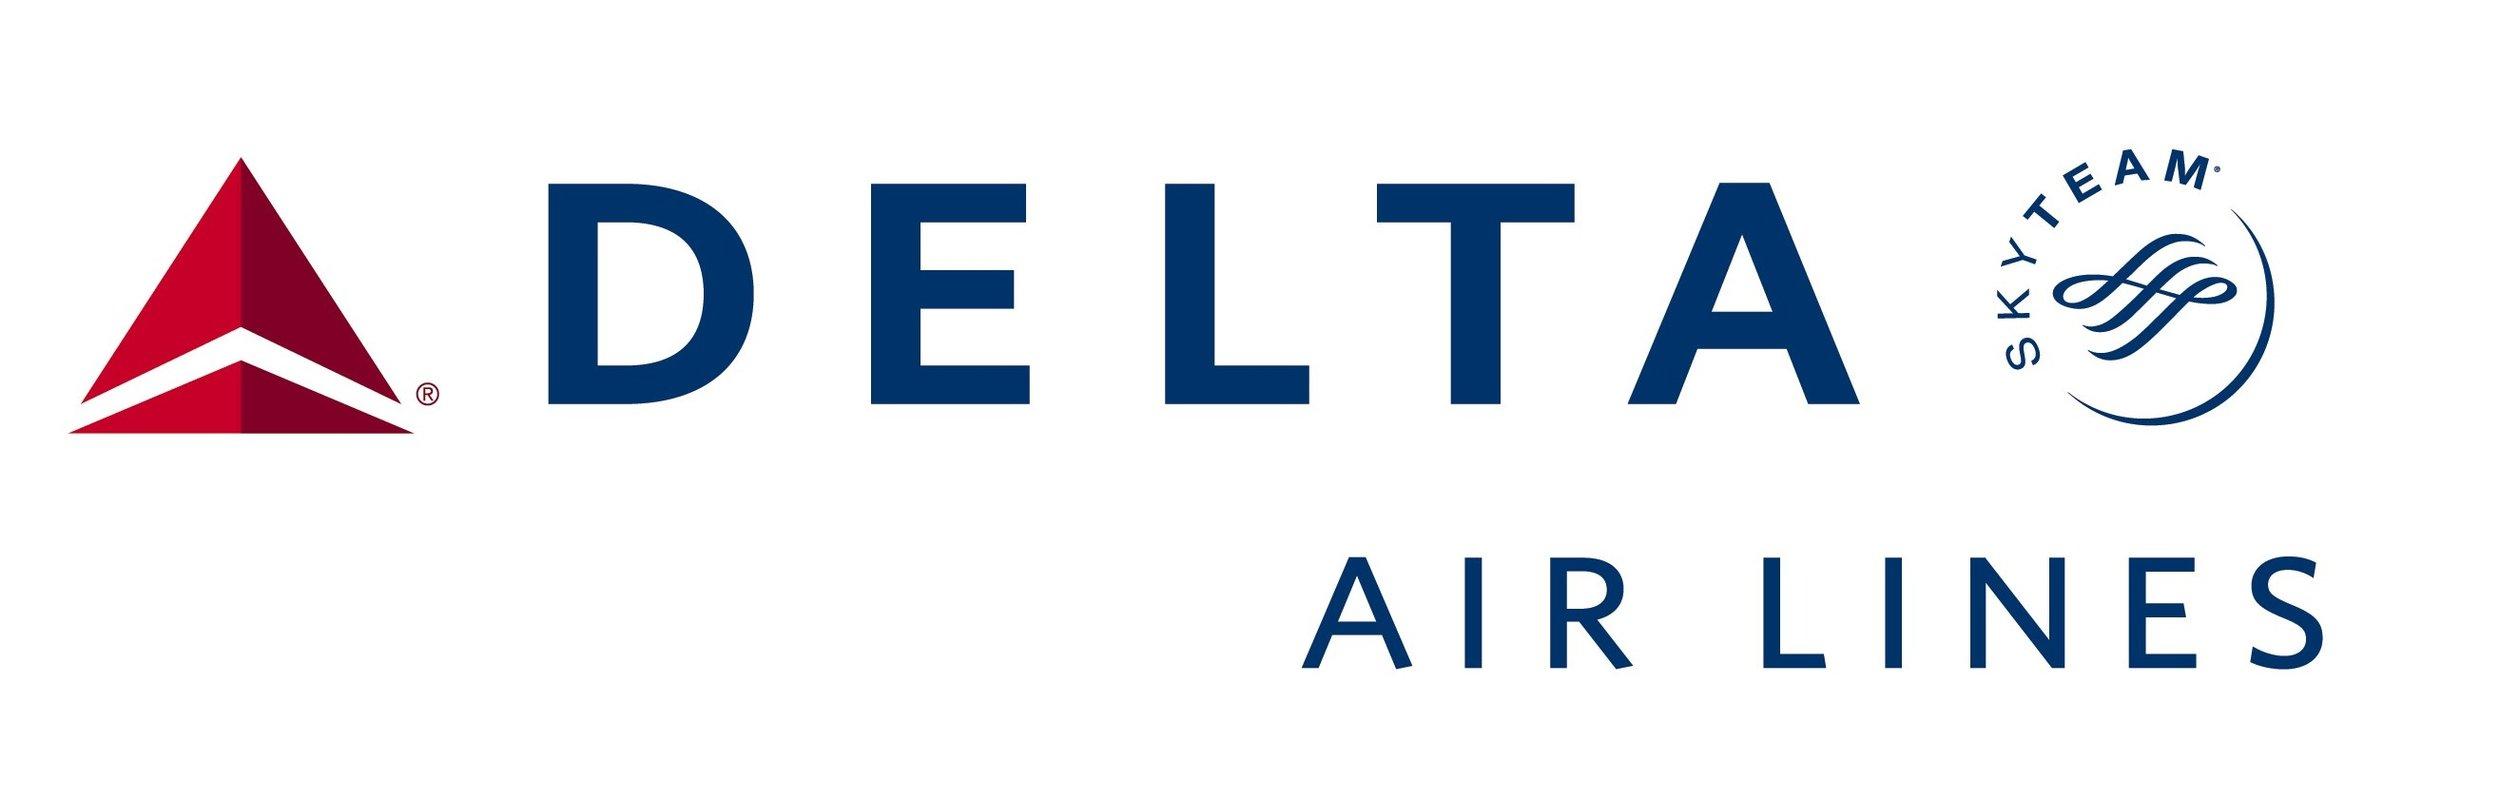 delta-air-lines-logo1.jpg